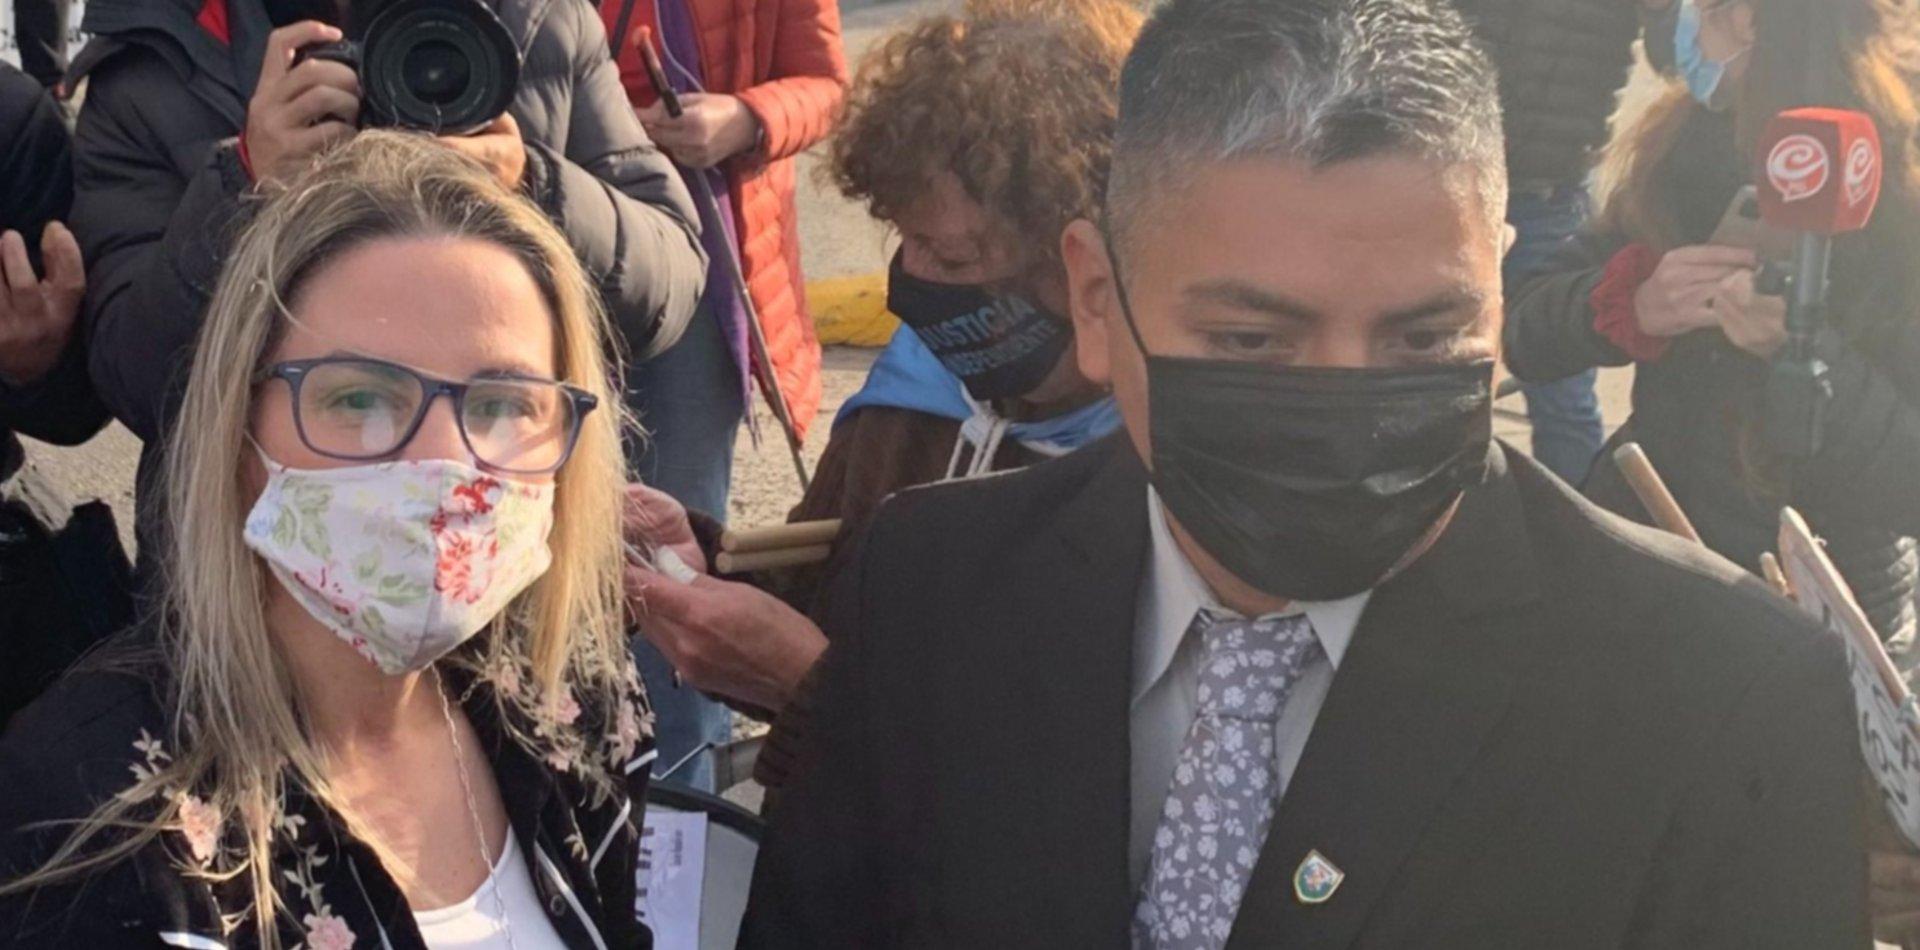 Piparo salió a respaldar a Chocobar antes del veredicto y causó polémica en las redes